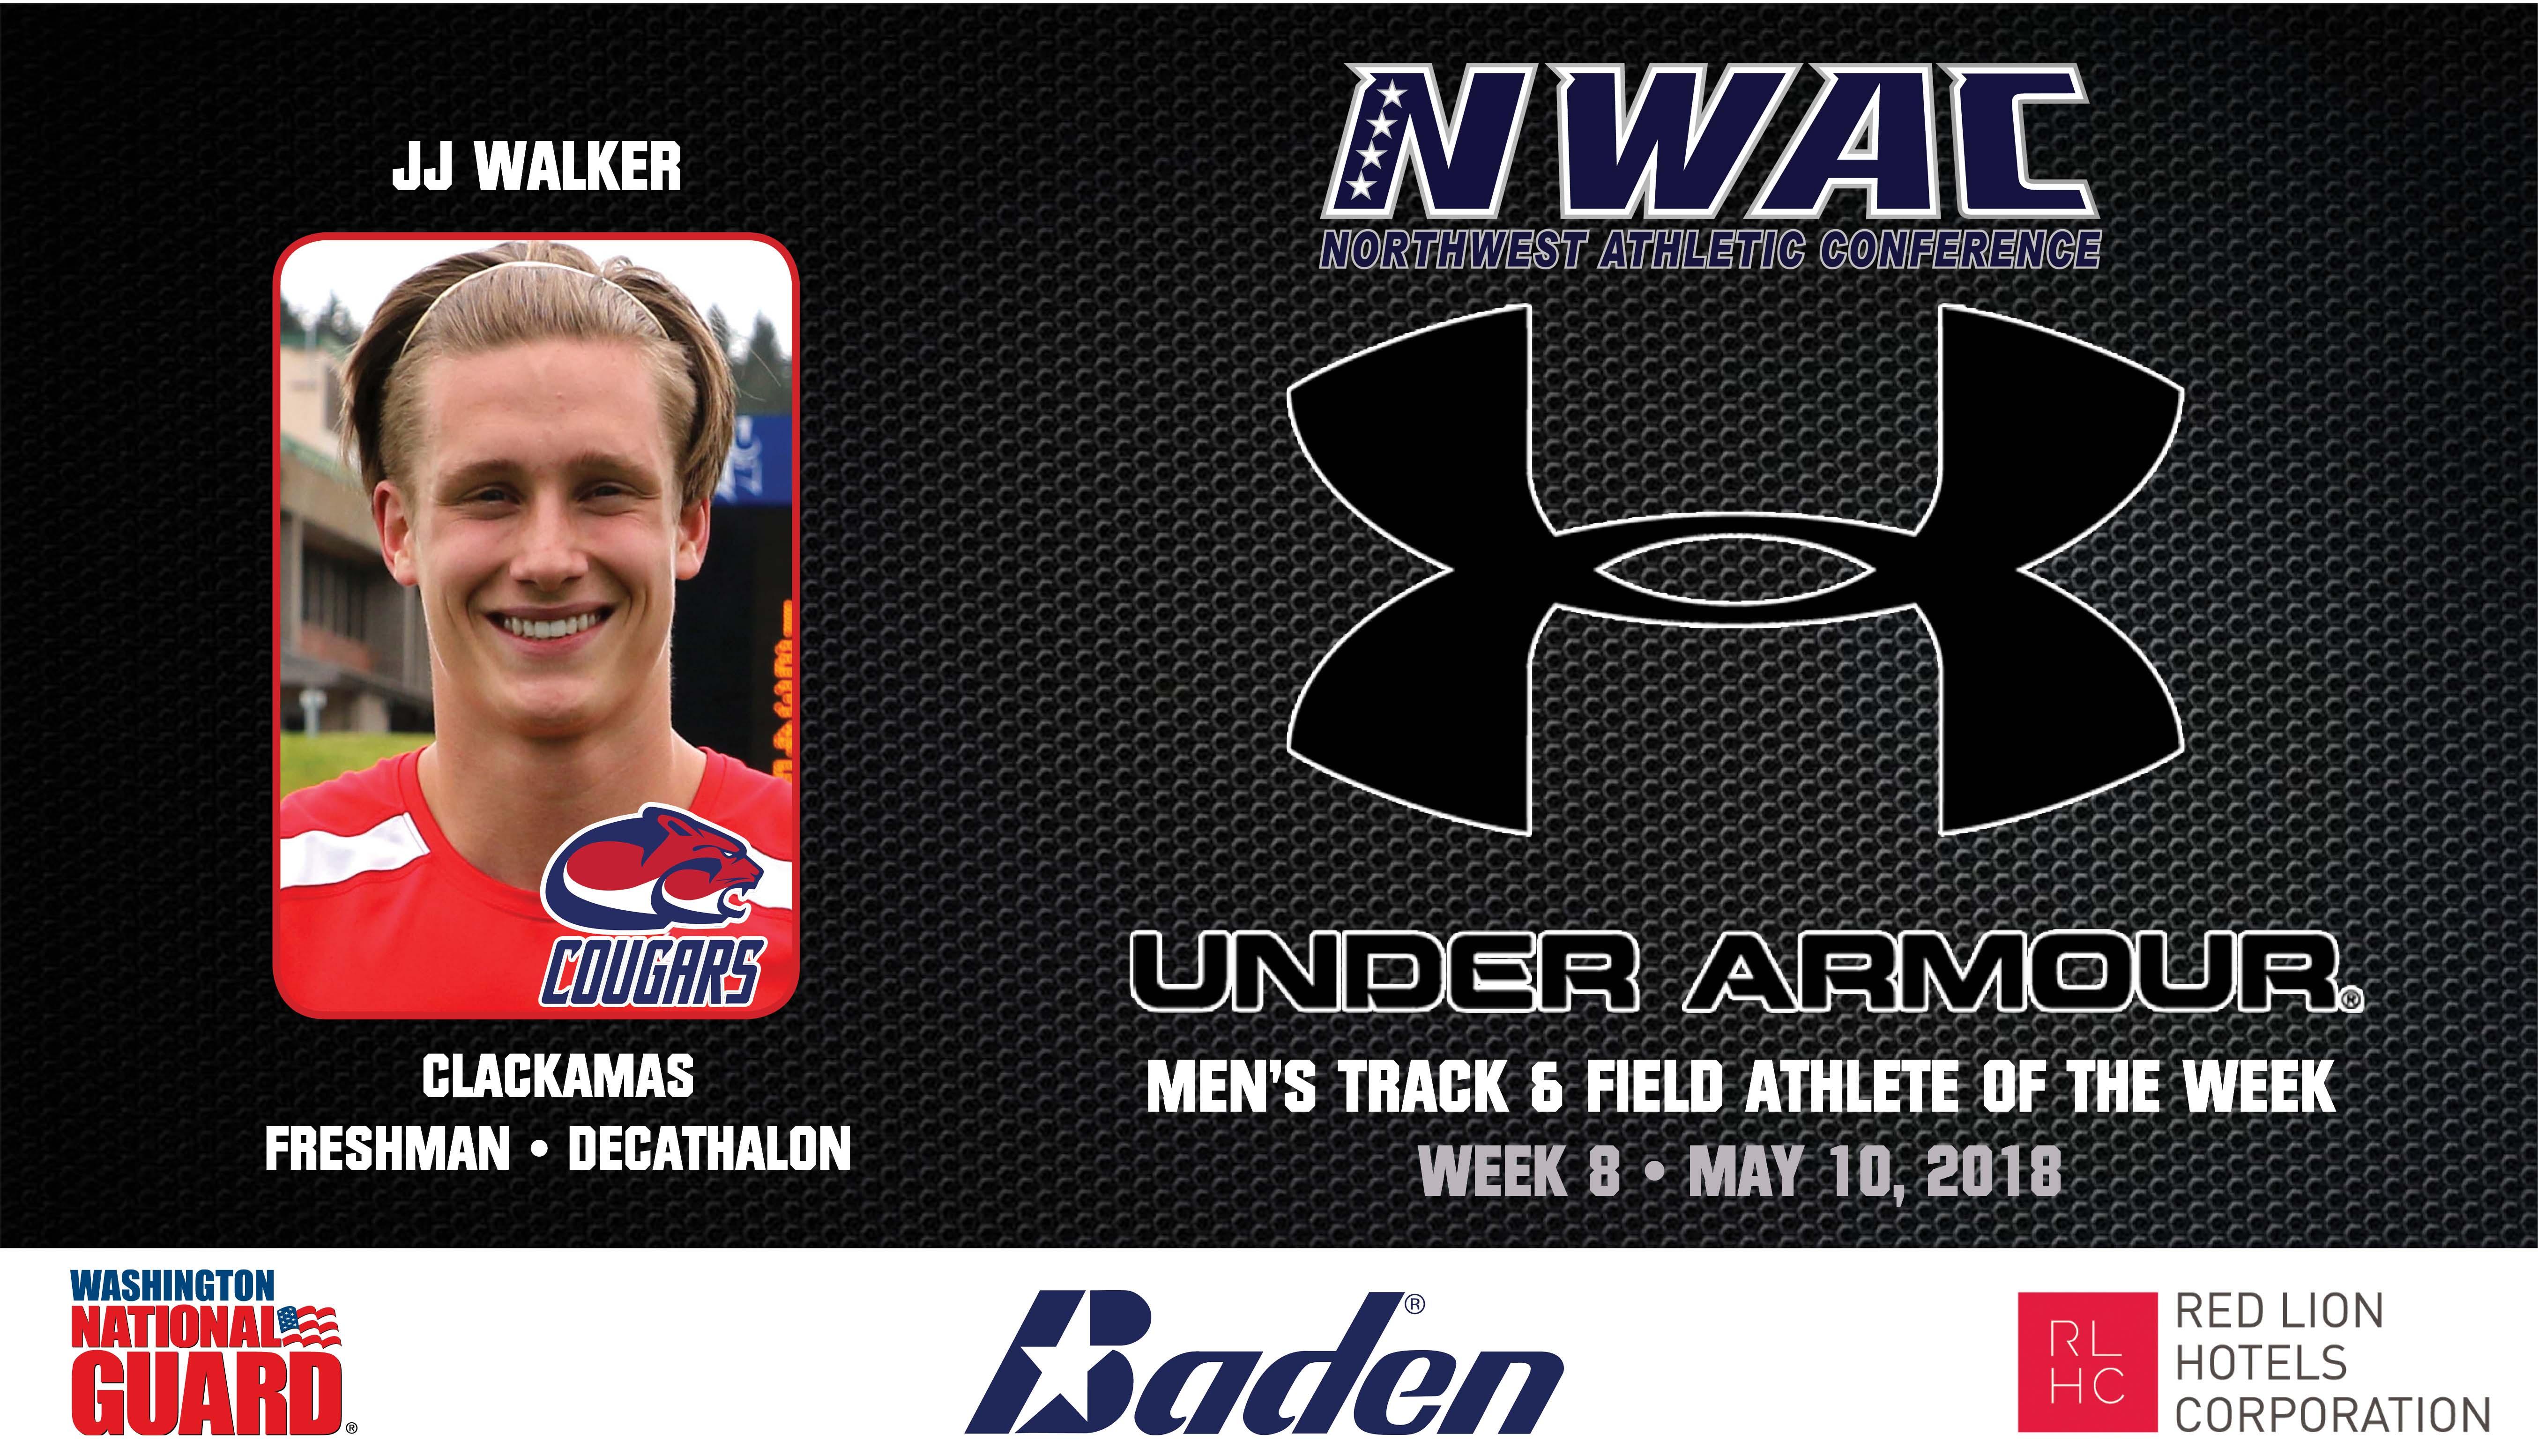 JJ Walker Under Armour image